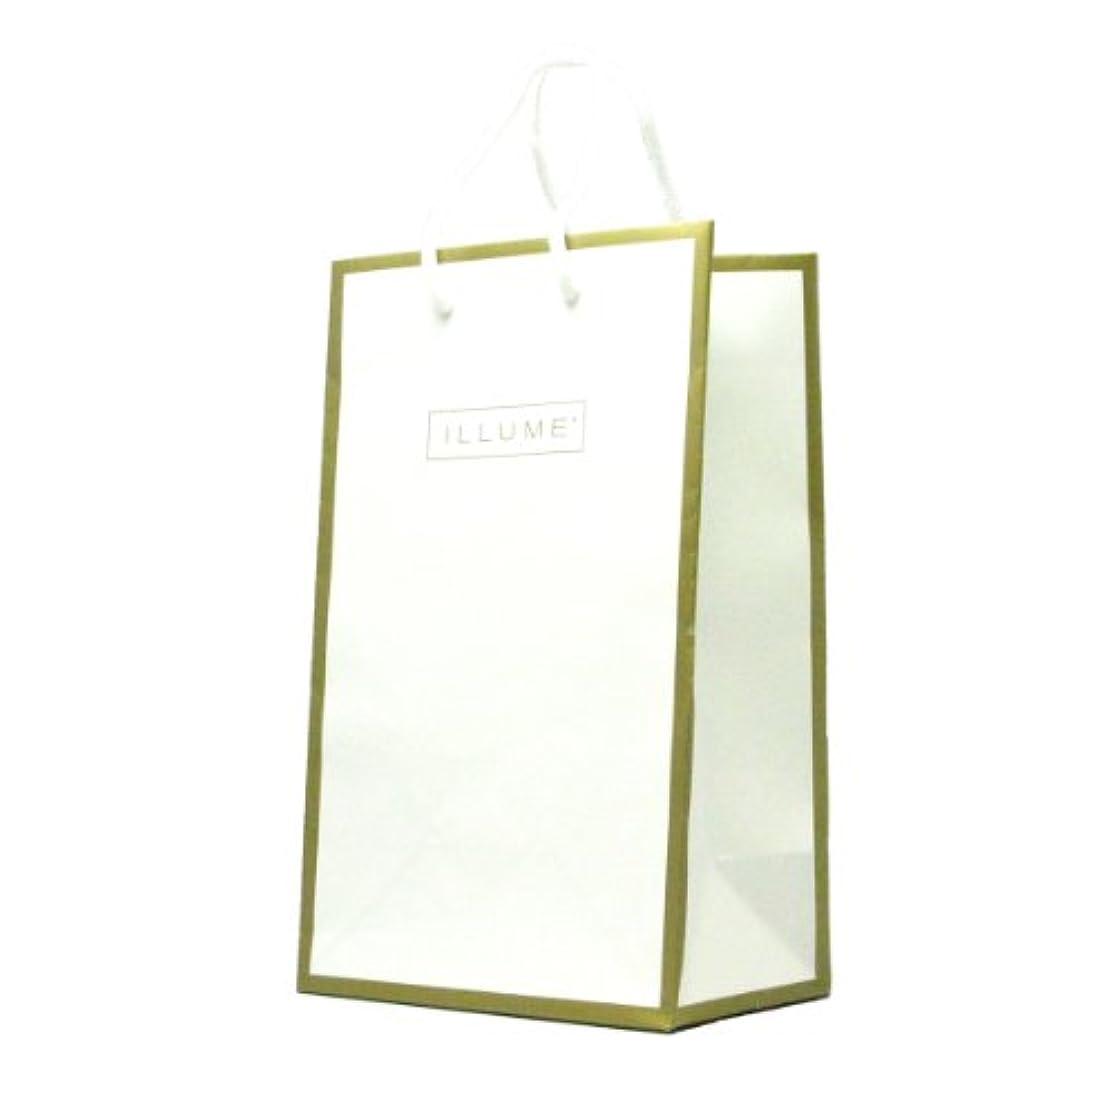 溶融コンペ責めイリューム(ILLUME) ギフトバッグ(Gift Bag) (ILLUMEギフトバッグ)